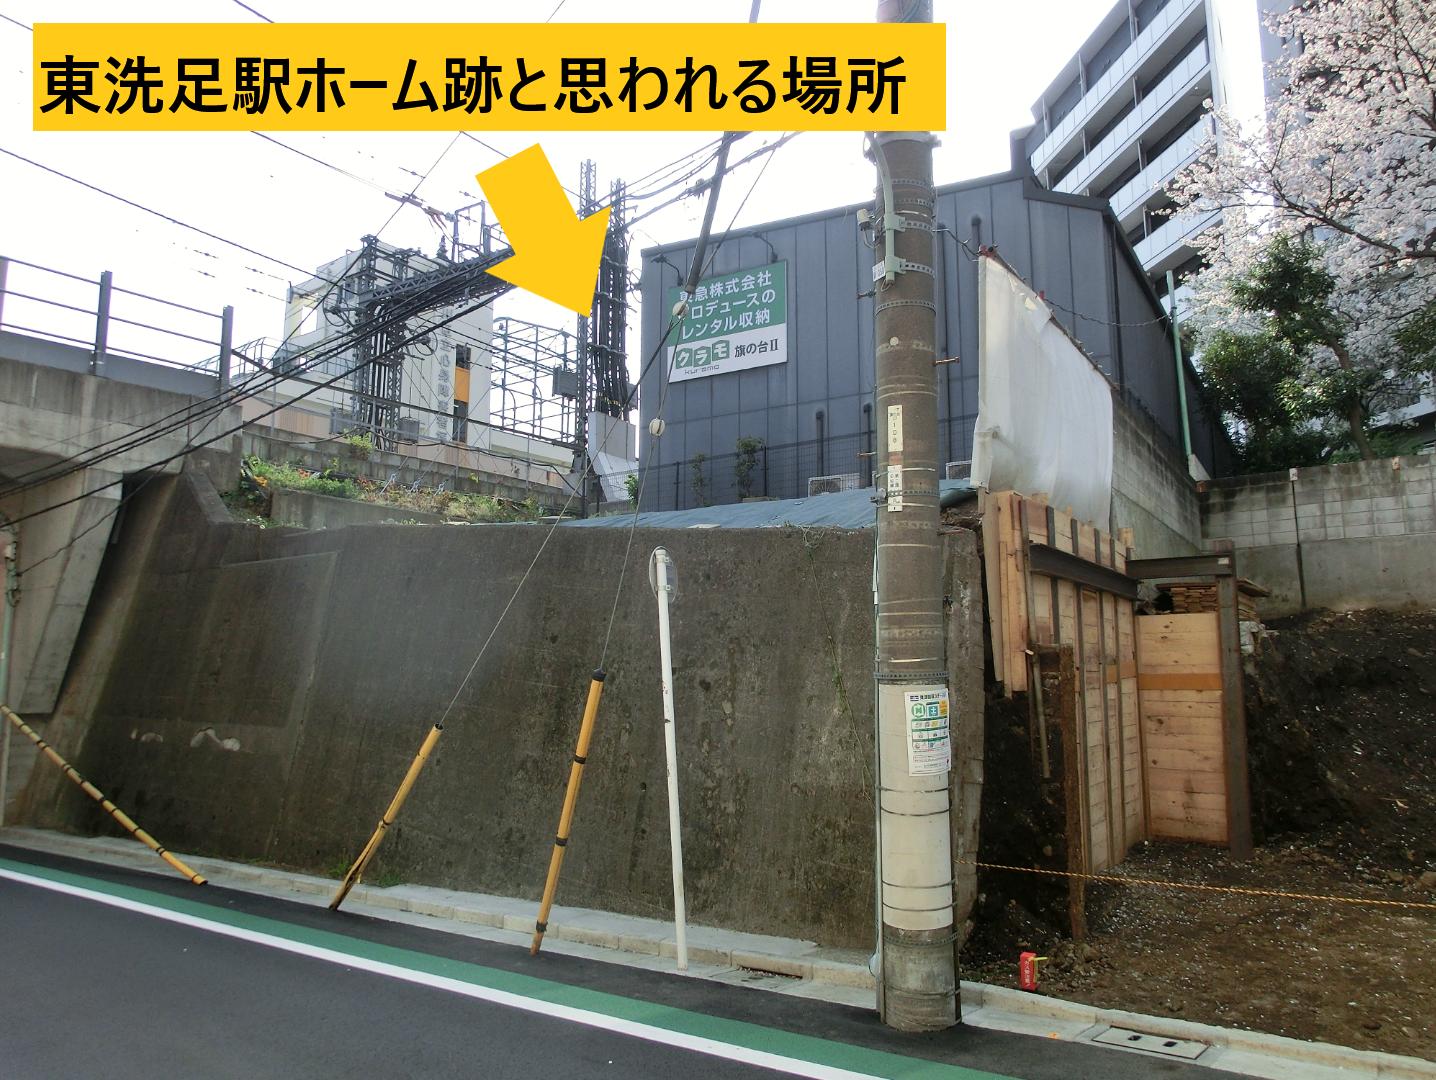 東洗足駅ホーム跡と思われる場所 西小山→荏原町散策2